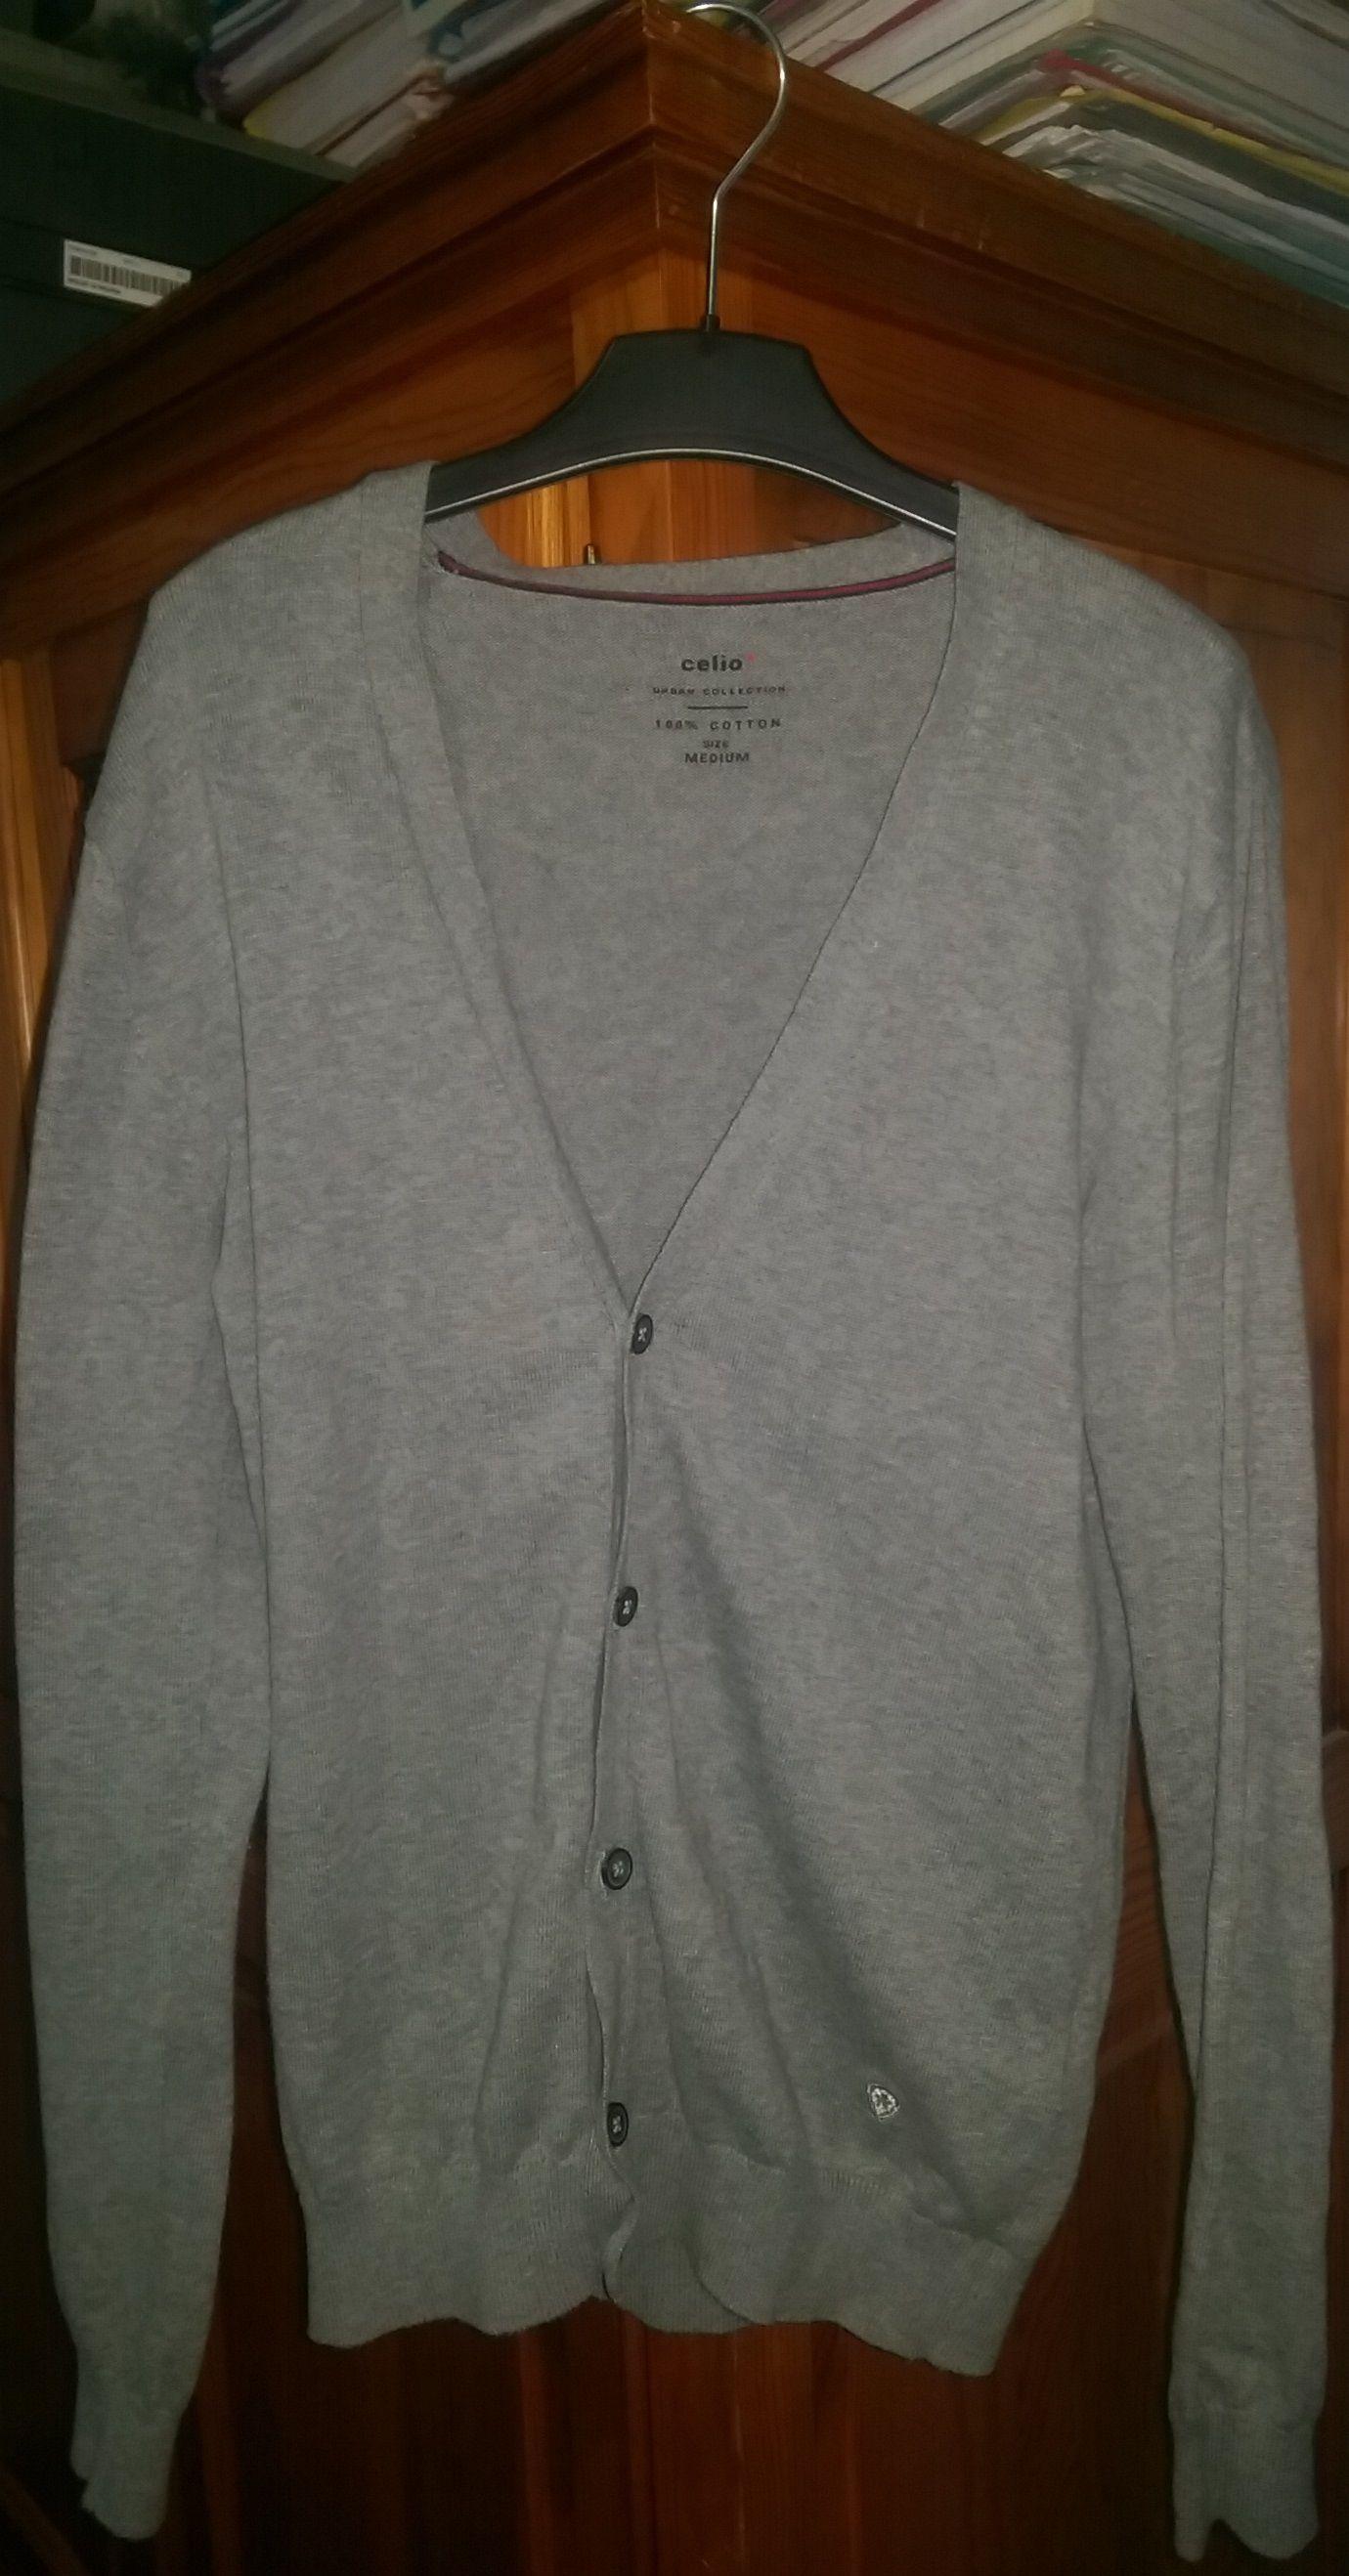 Gilet Gris Celio Urban collection Manches longues 100% coton Taille ... bb2d8f58a34d